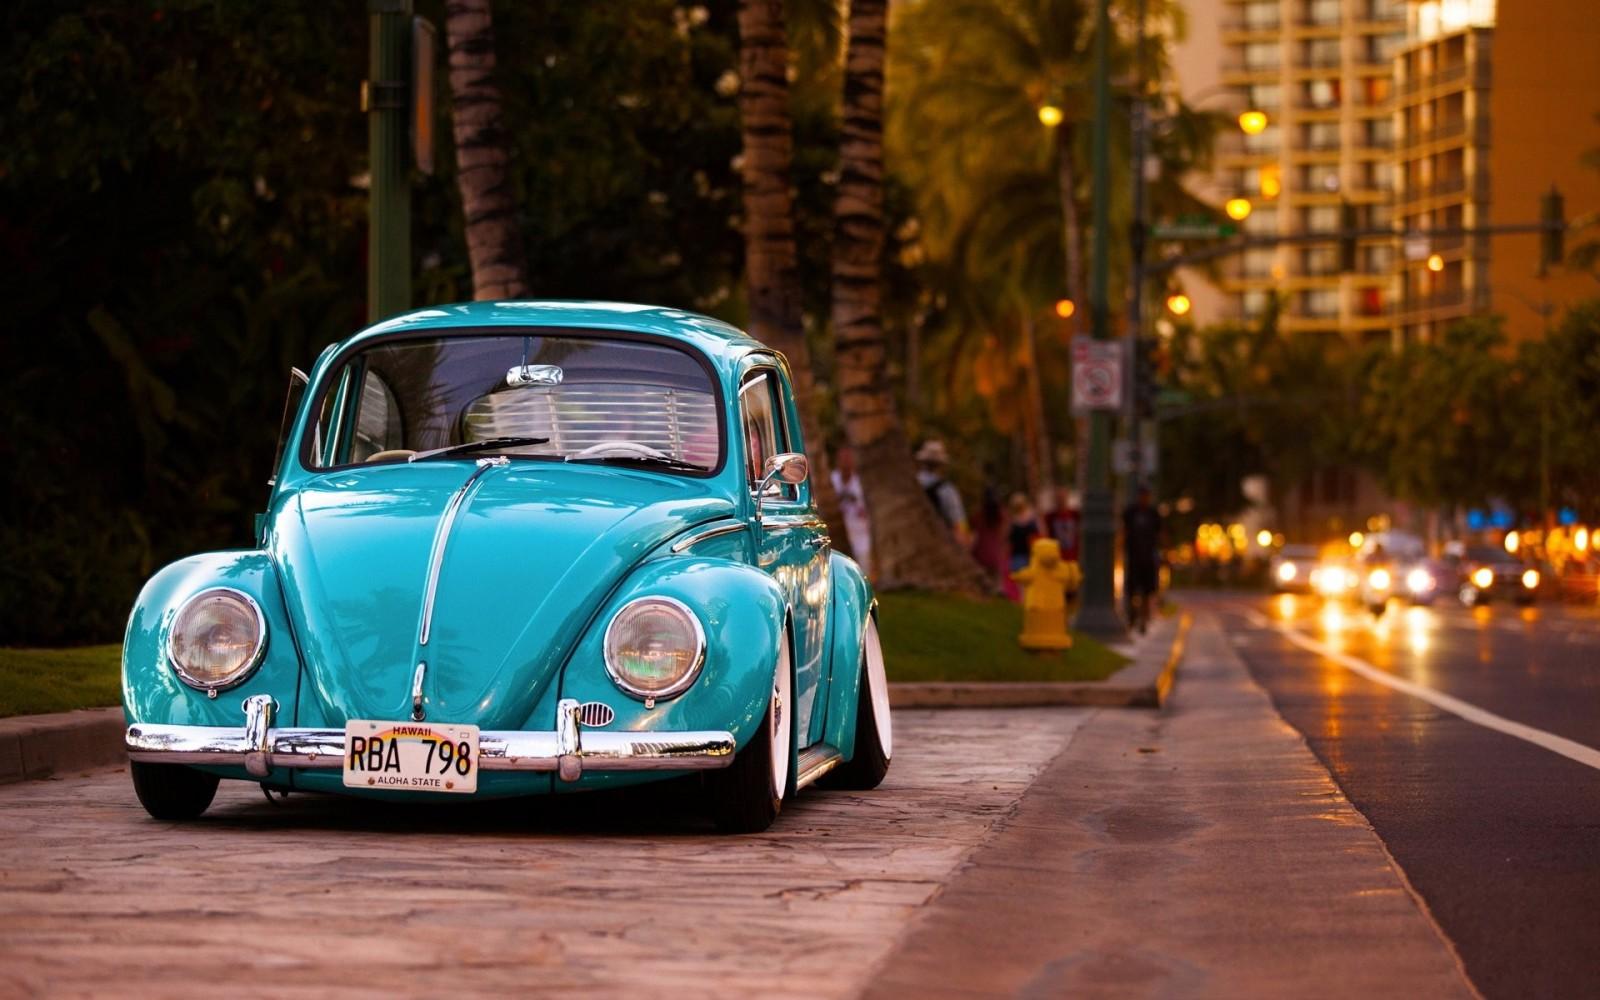 ハワイのレンタカーはAloha Auto Rentals